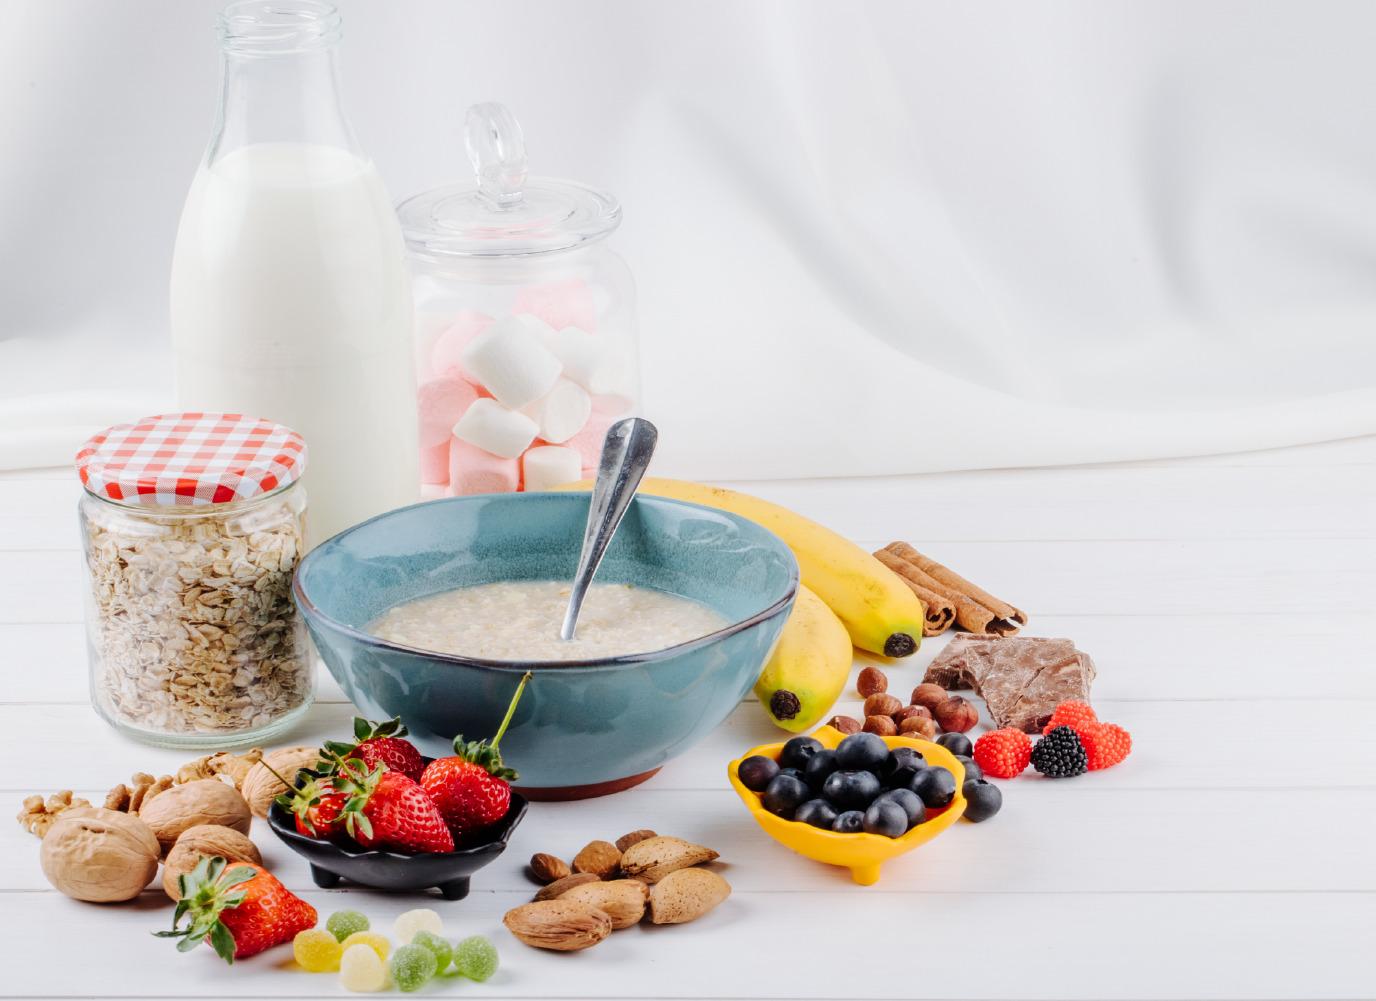 Món ăn dặm ngày Tết cho bé dễ thực hiện, đủ dinh dưỡng